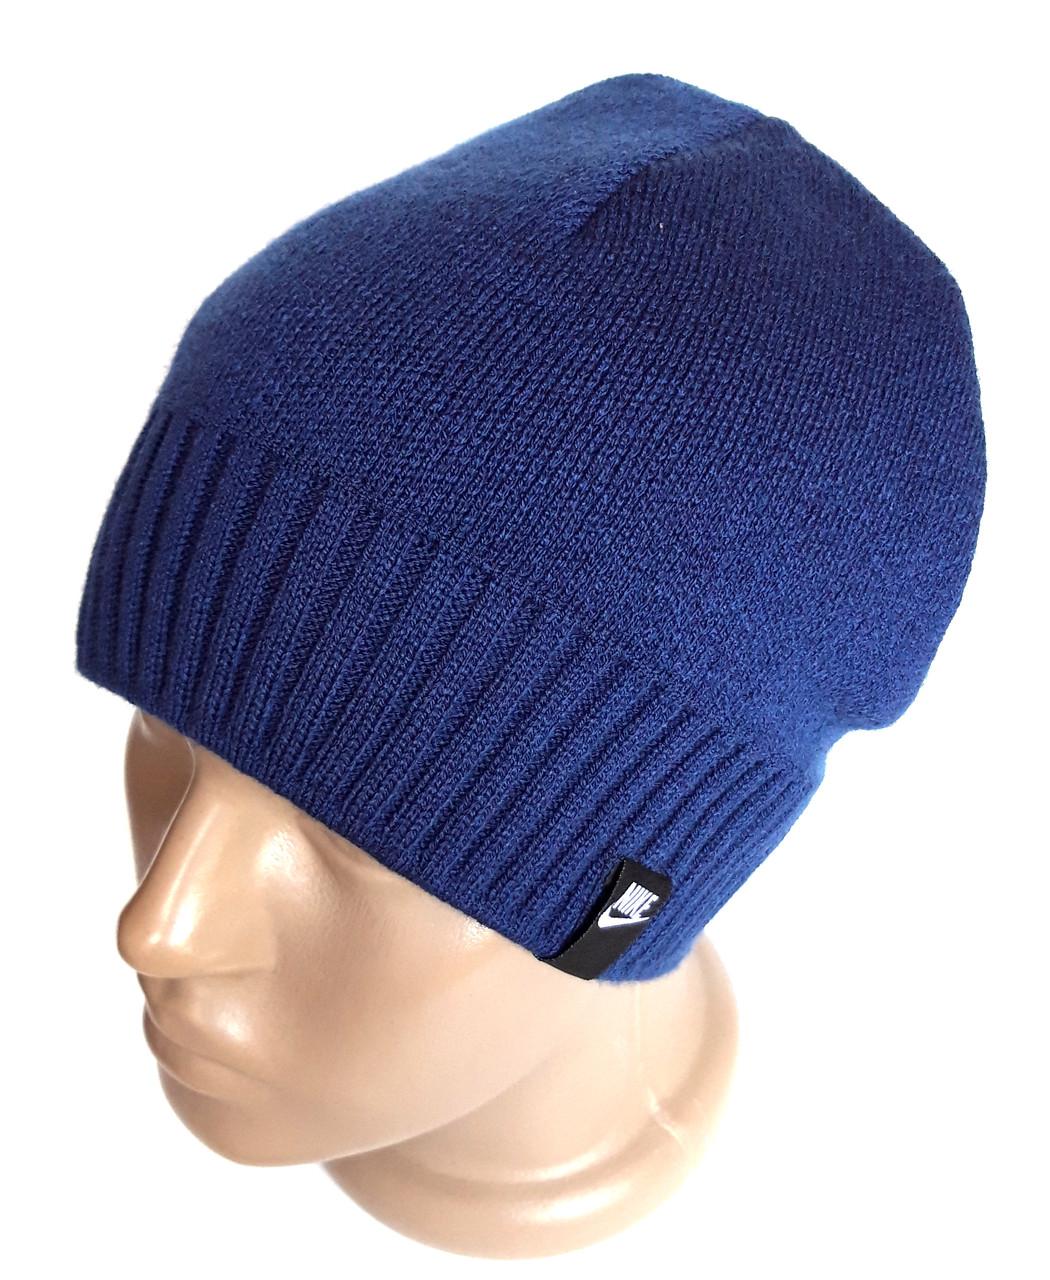 Шапка вязанная подкладка флис 54-58 синяя